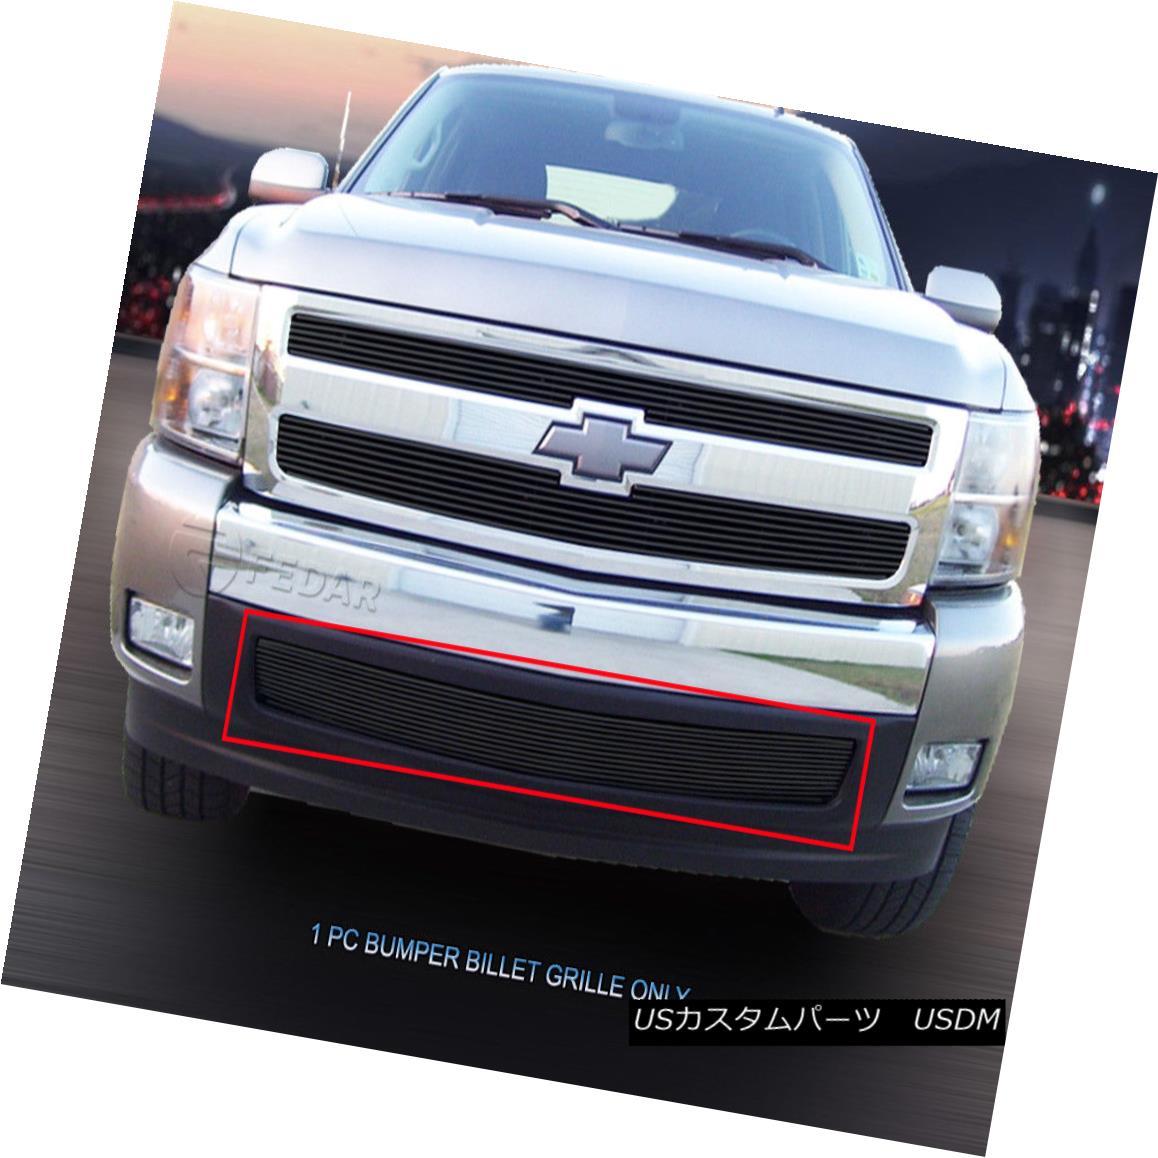 グリル Fedar Fits 07-13 Chevy Silverado 1500 Long Black Billet Grille Overlay Fedarフィット07-13 Chevy Silverado 1500ロングブラックビレットグリルオーバーレイ